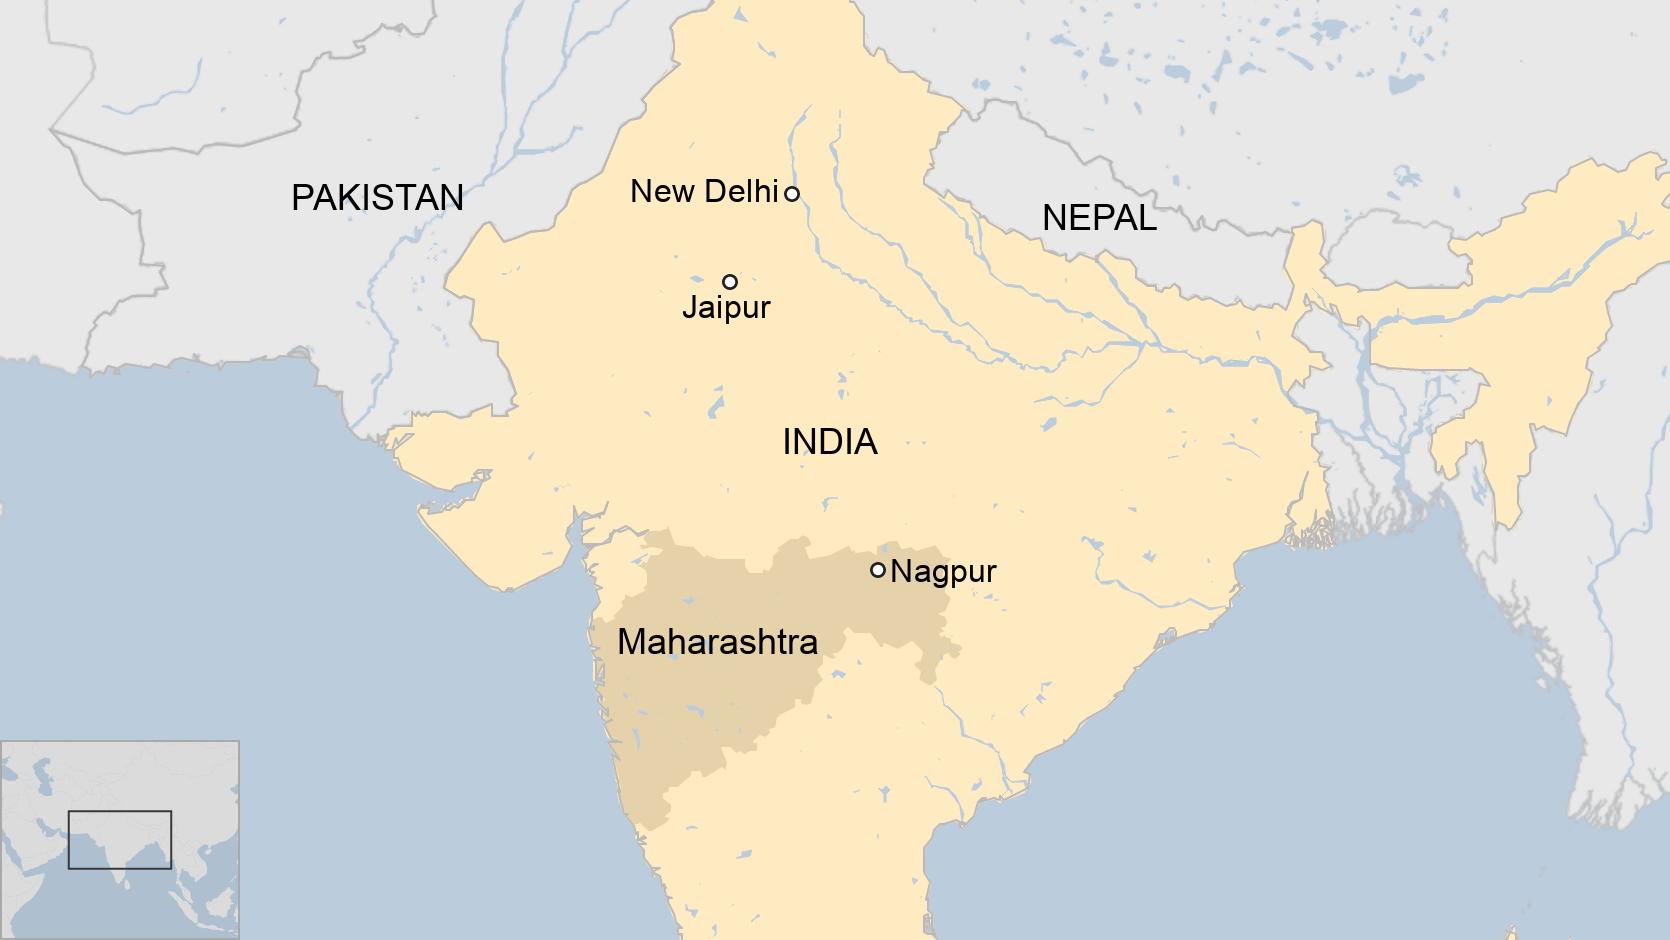 Fire at India hospital ward kills 10 newborn babies thumbnail